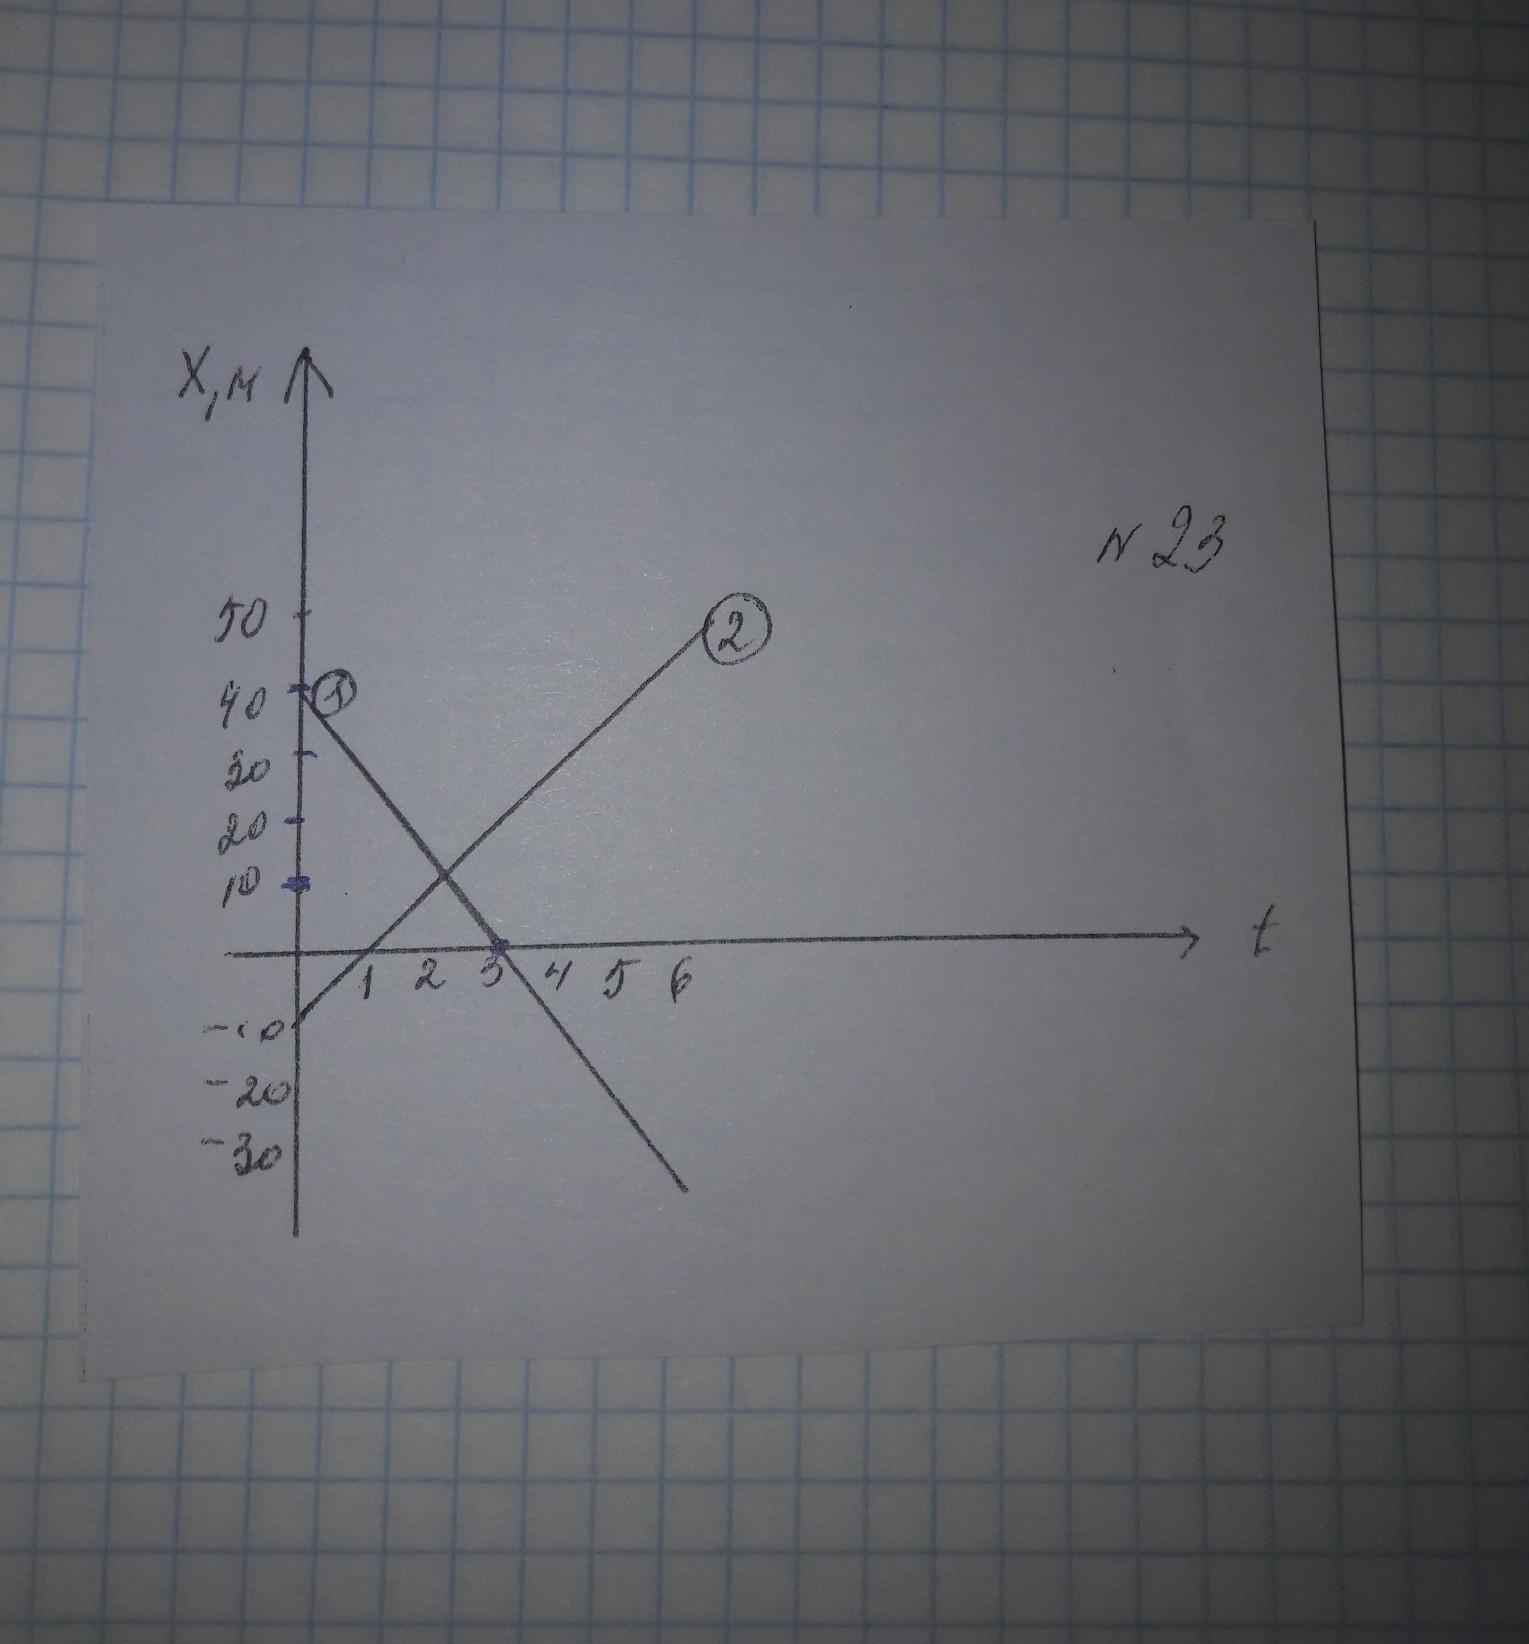 Решить задачу по графику формулы для решения задач фотоэффект